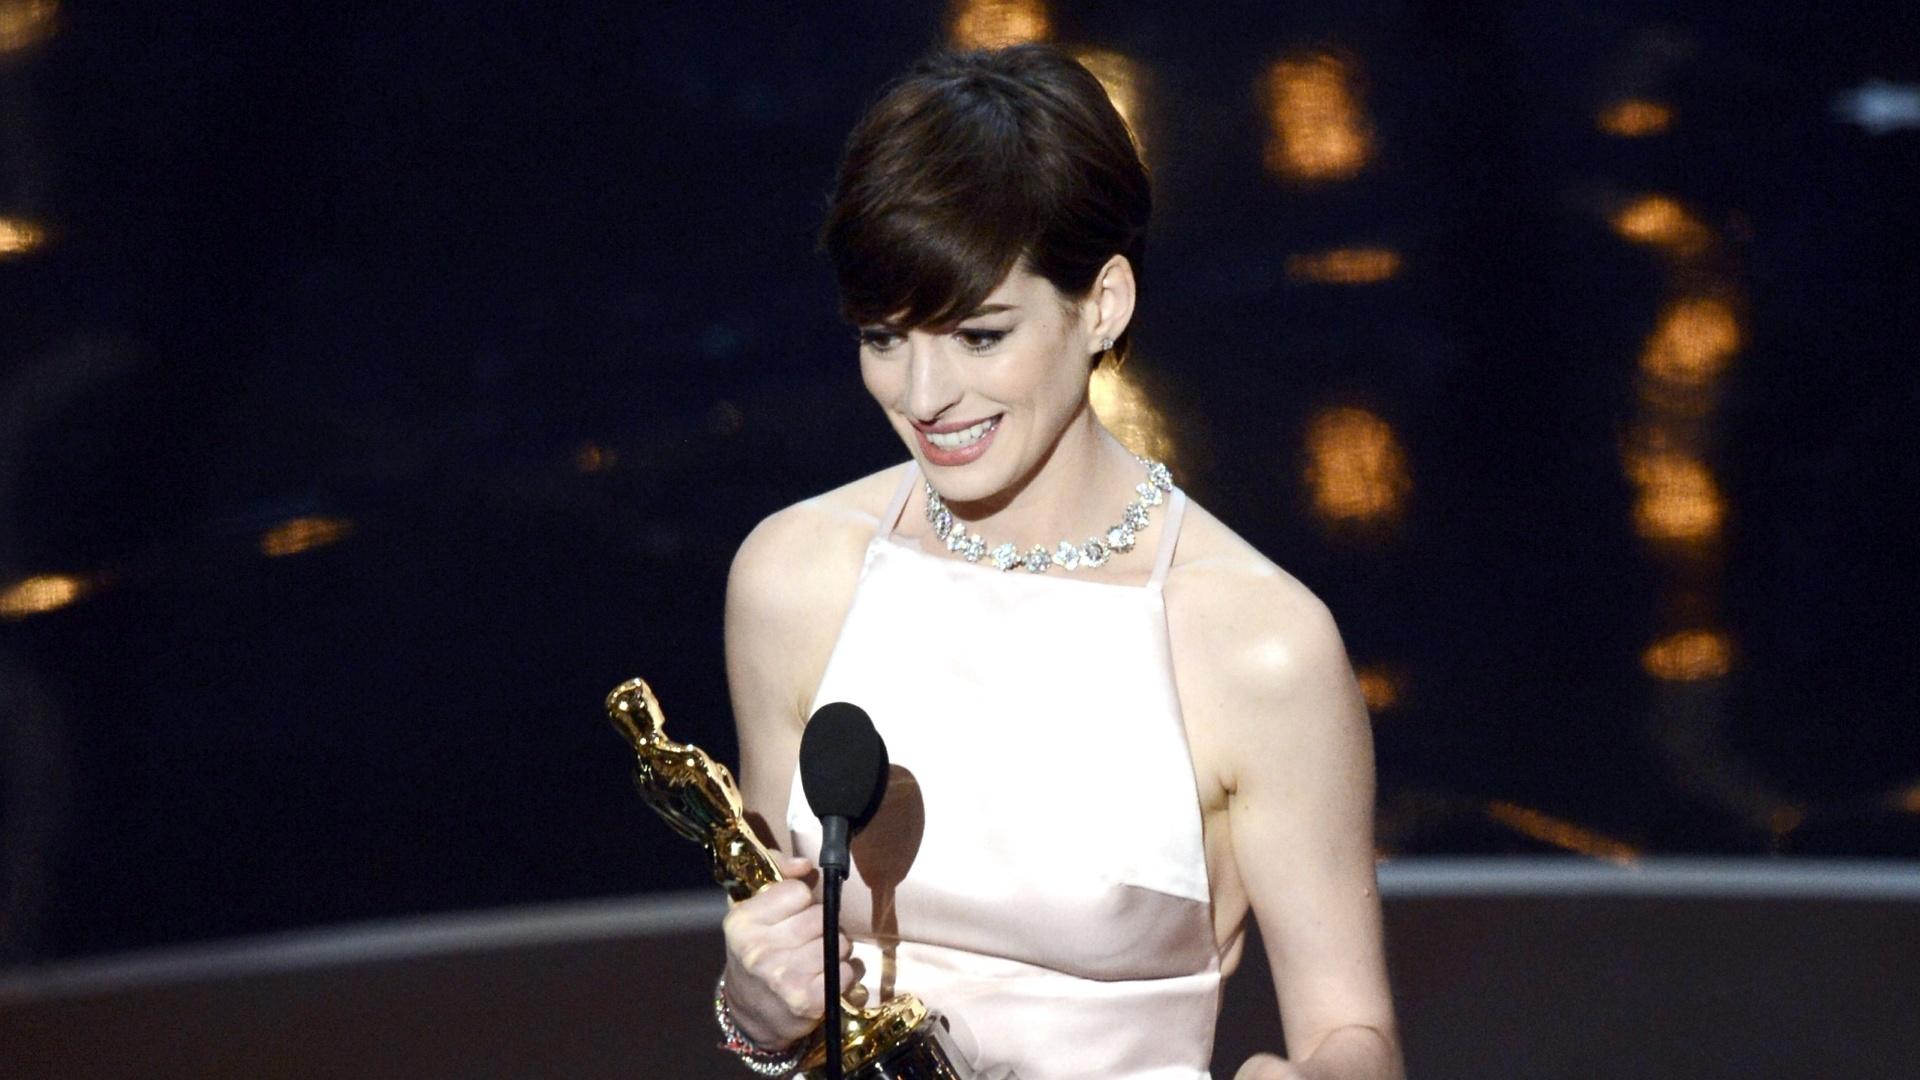 24.fev.2013 - Anne Hathaway discursa ao vencer como Melhor Atriz Coadjuvante por seu papel em